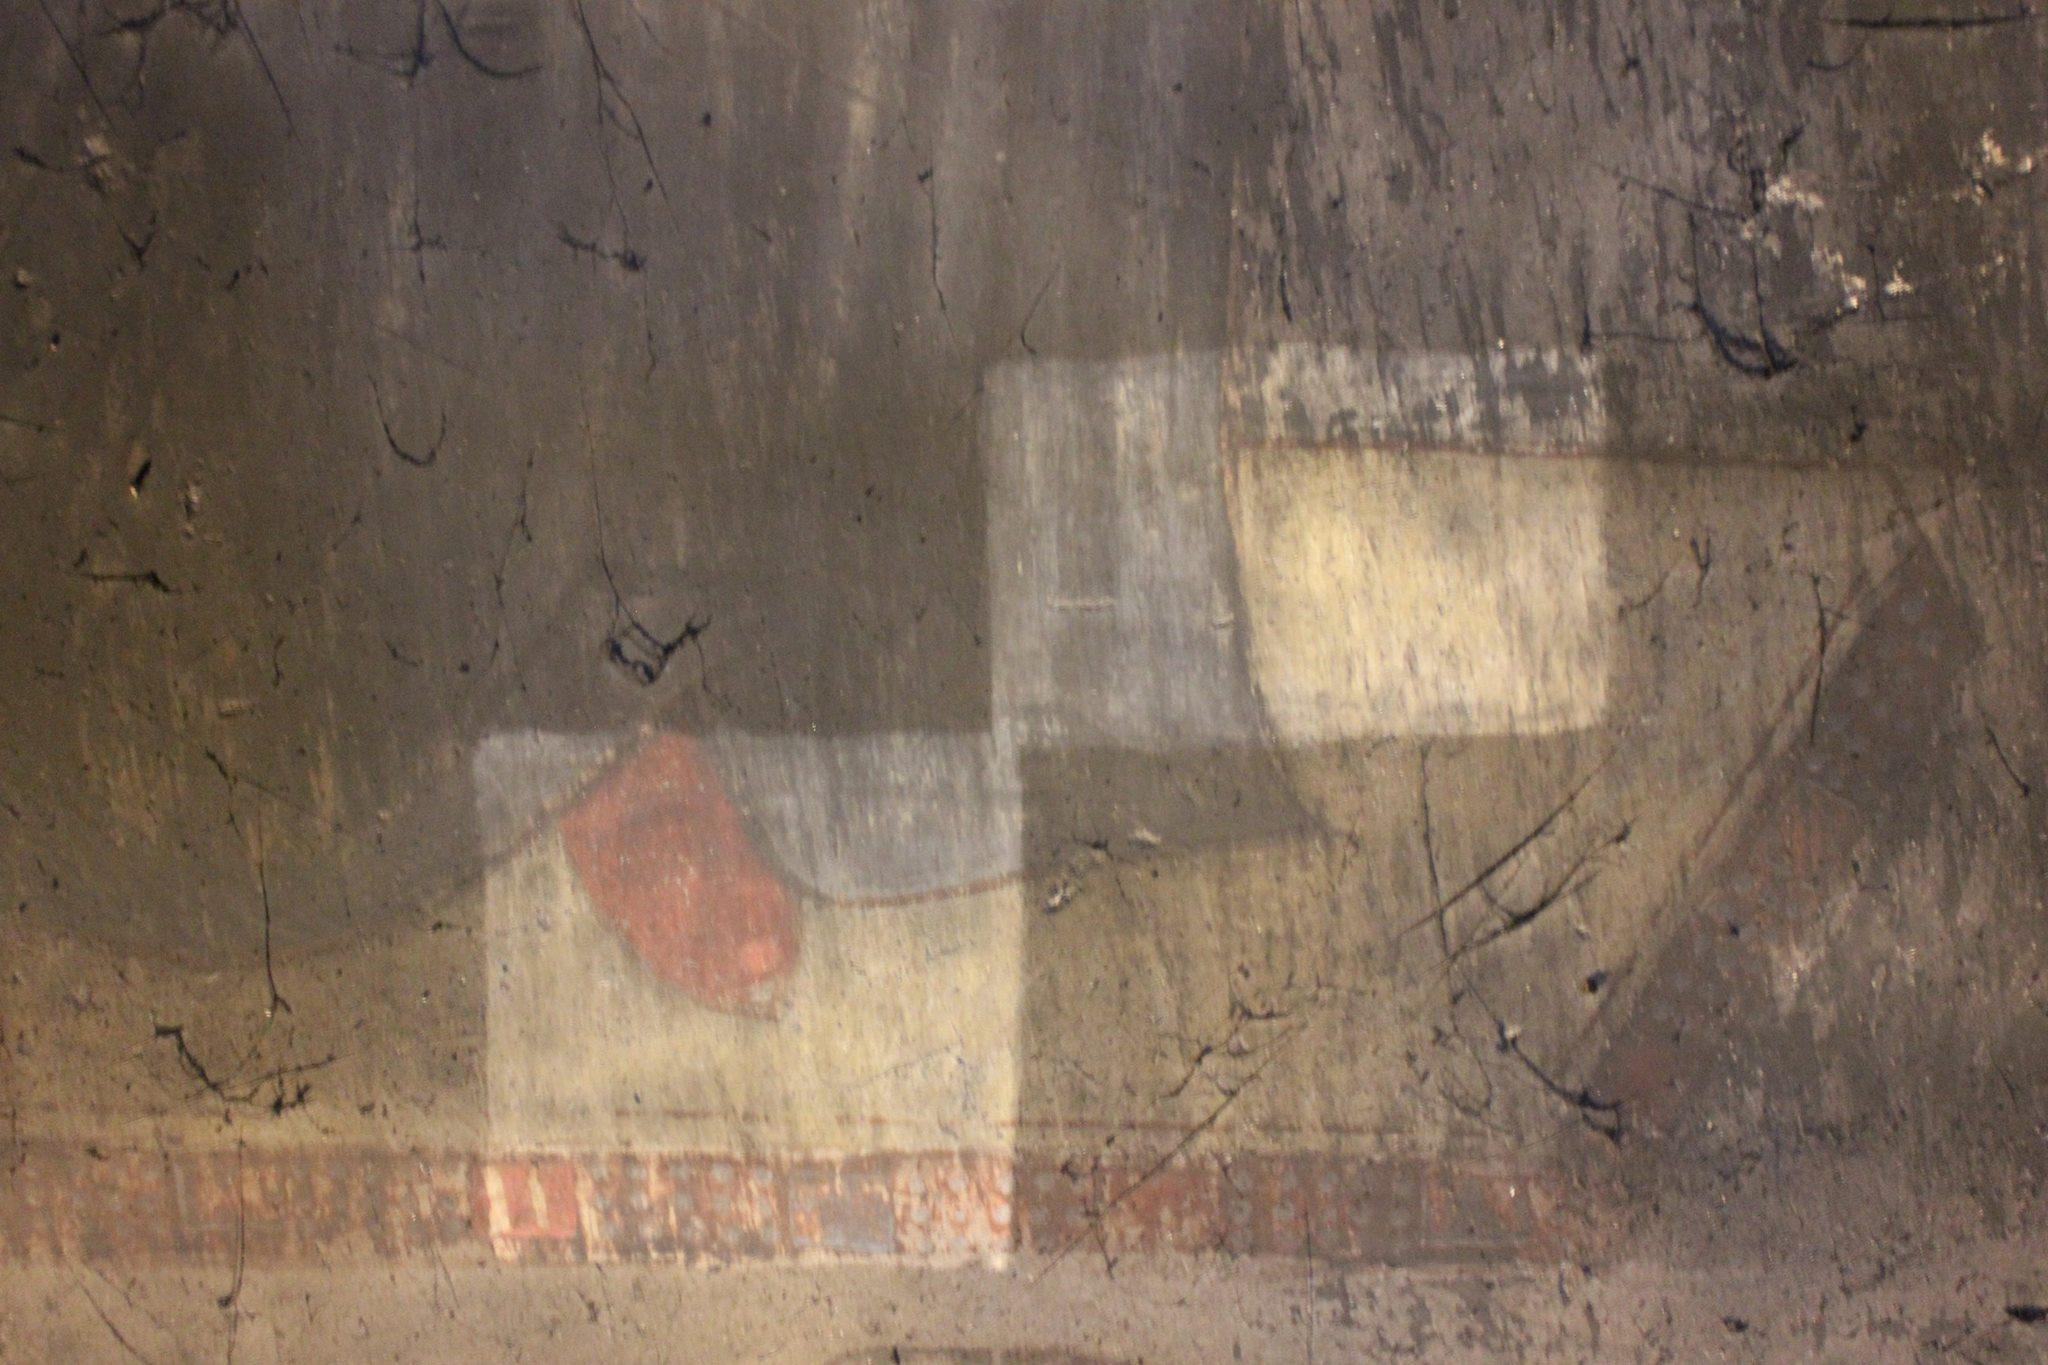 ვარძიის დაზიანებული ფრესკის სატესტოდ გასუფთავებული ფრაგმენტი. ფოტო: ნანა კუპრაშვილი 03.11.16